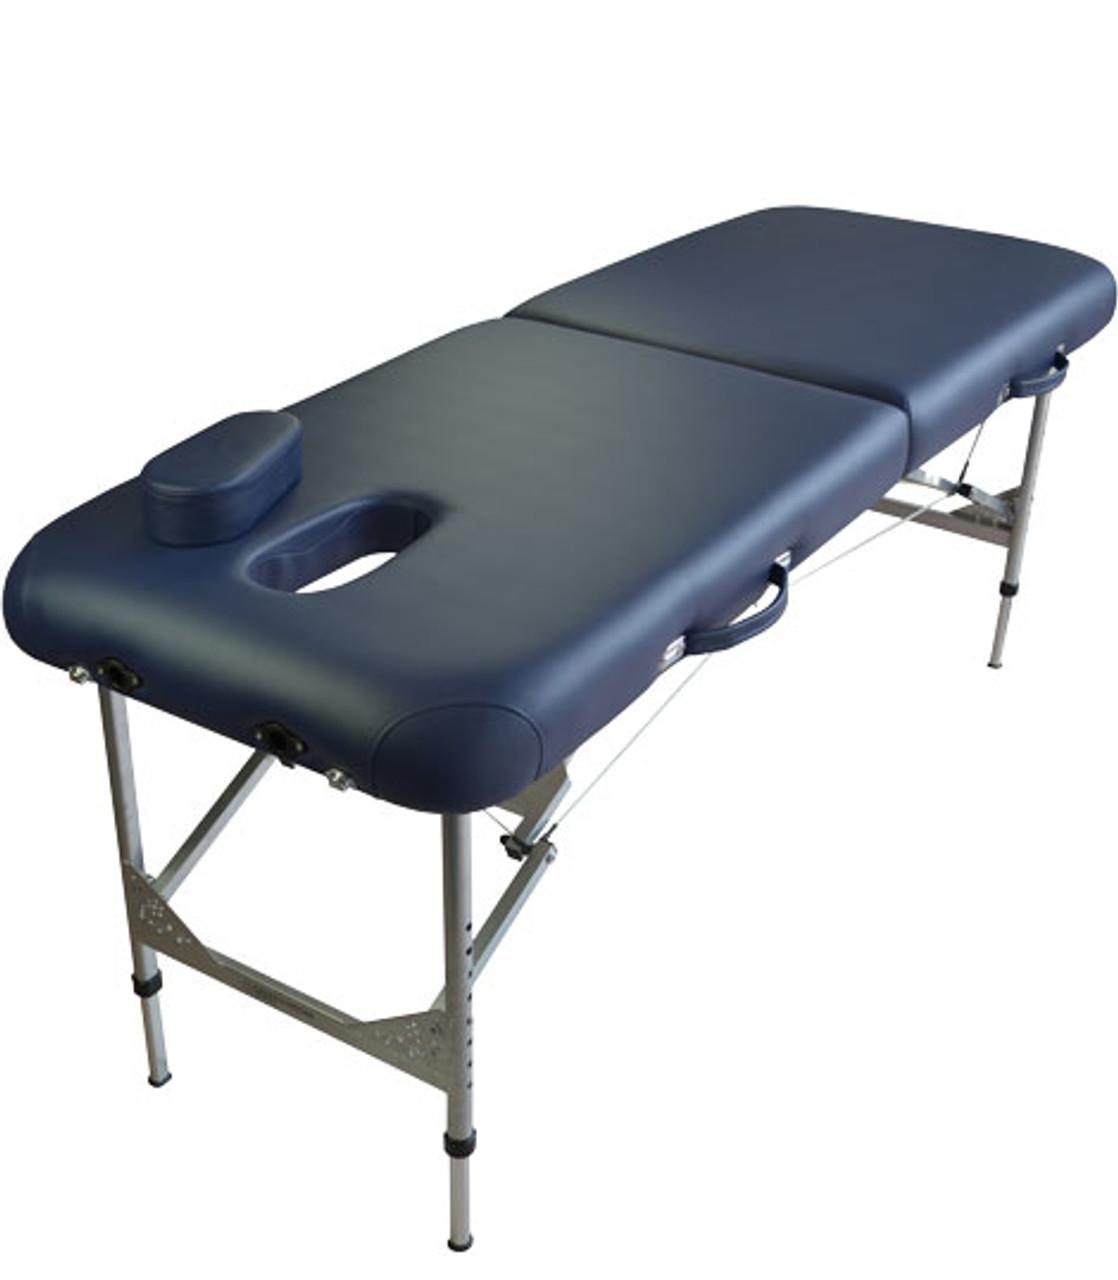 Centurion Elite 10 Portable Massage Table